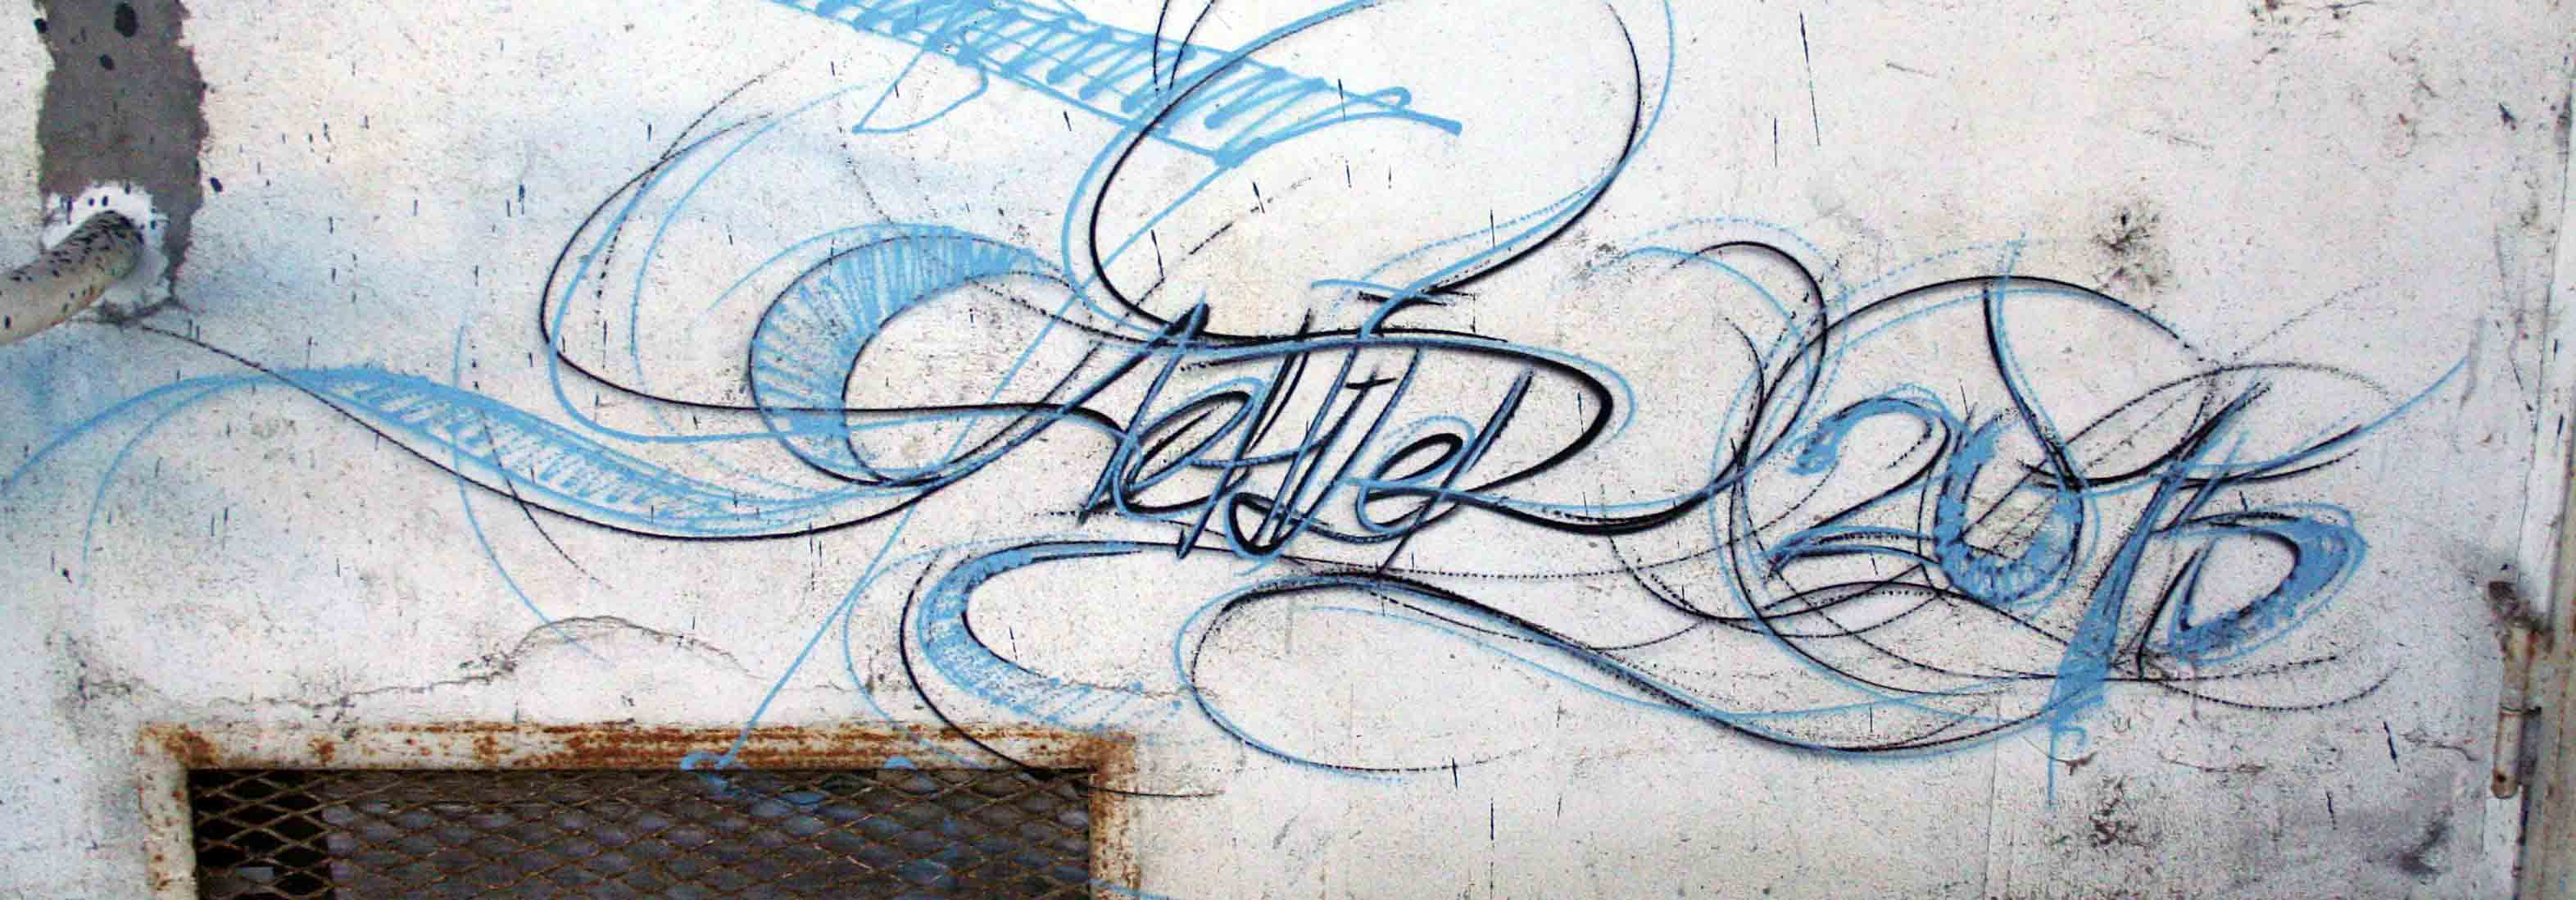 signature des fresques de frédéric michel-langlet